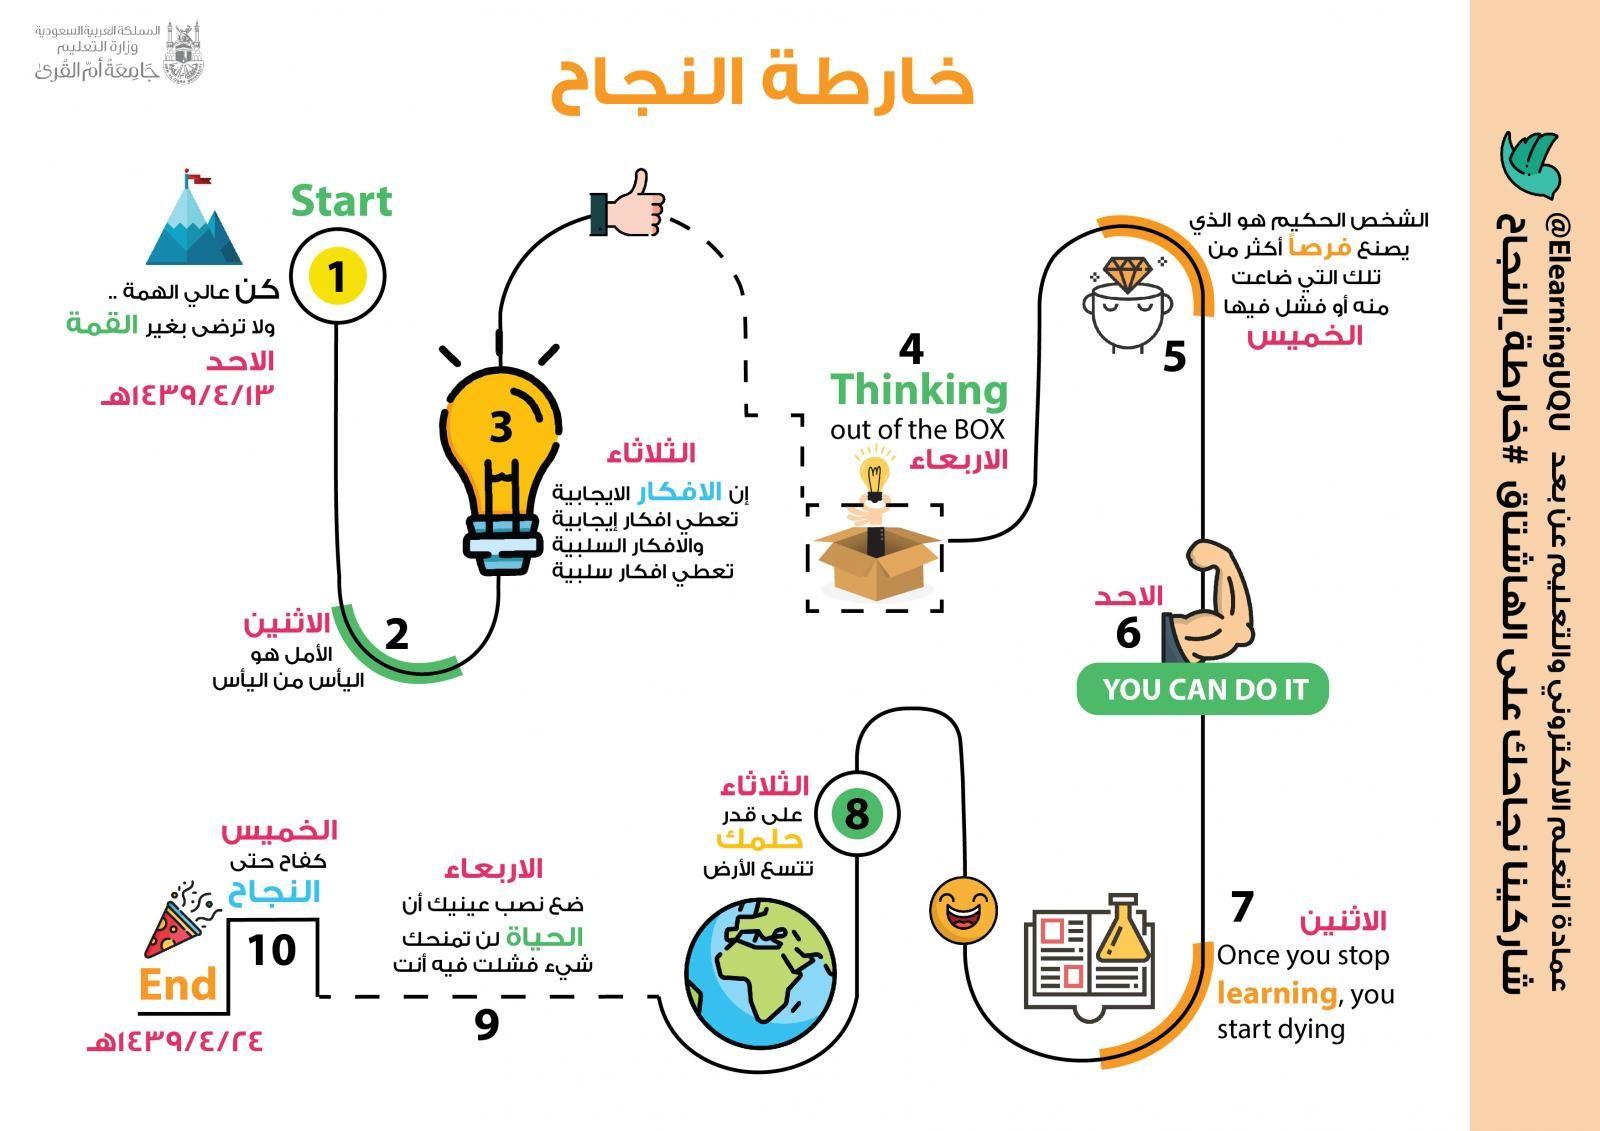 مبادرة تحفيزية للطالبات أيام الاختبارات بعنوان نزهة فكرية عمادة App Ads